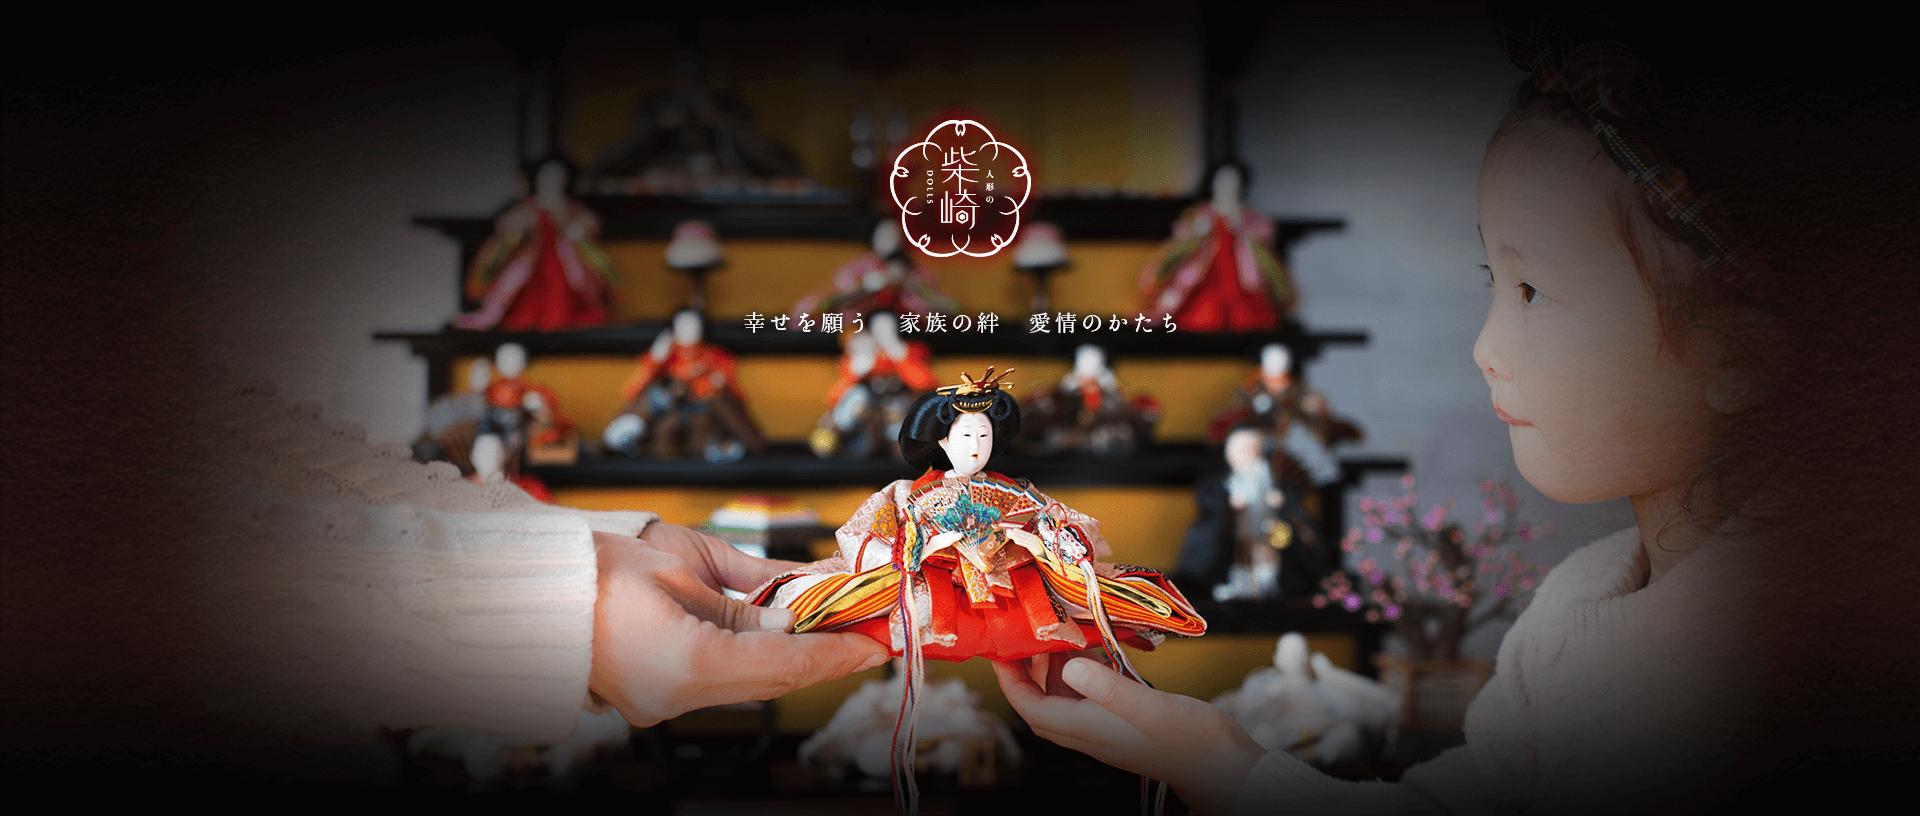 「雛人形」や「五月人形」の販売修理は山形県天童市【人形の柴崎】